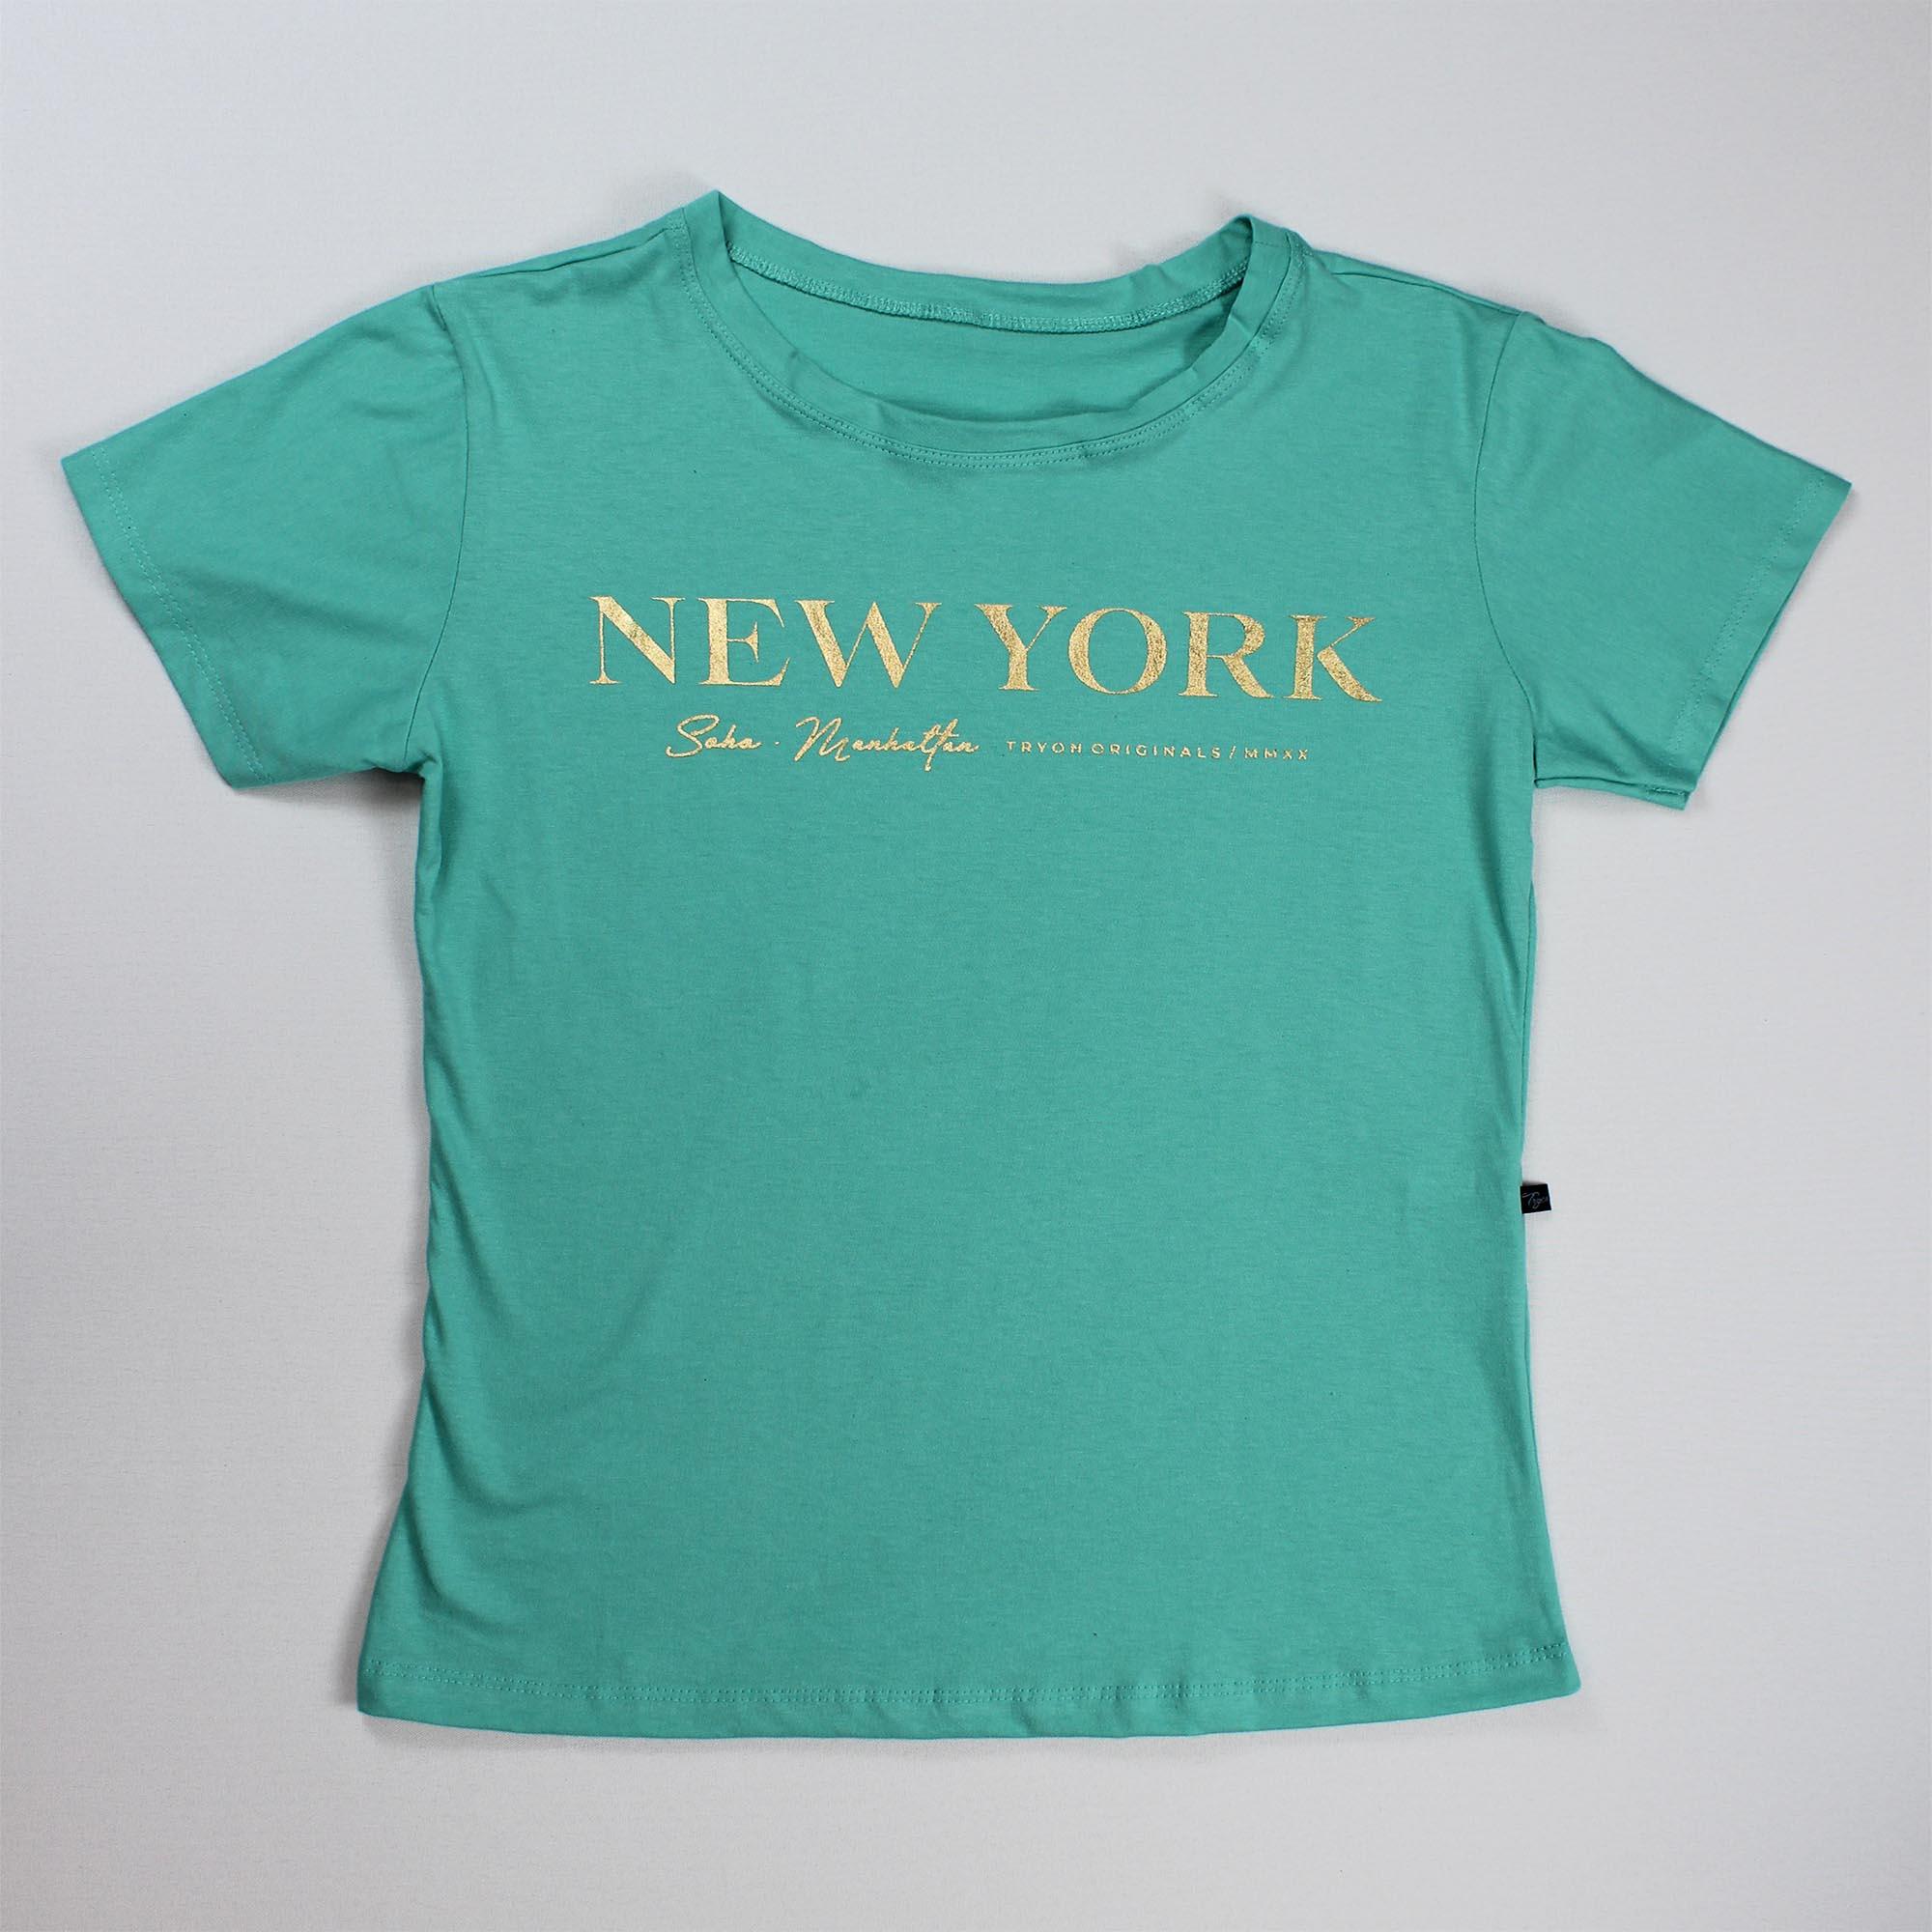 T-Shirt New York Feminina - Verde Água e Dourado